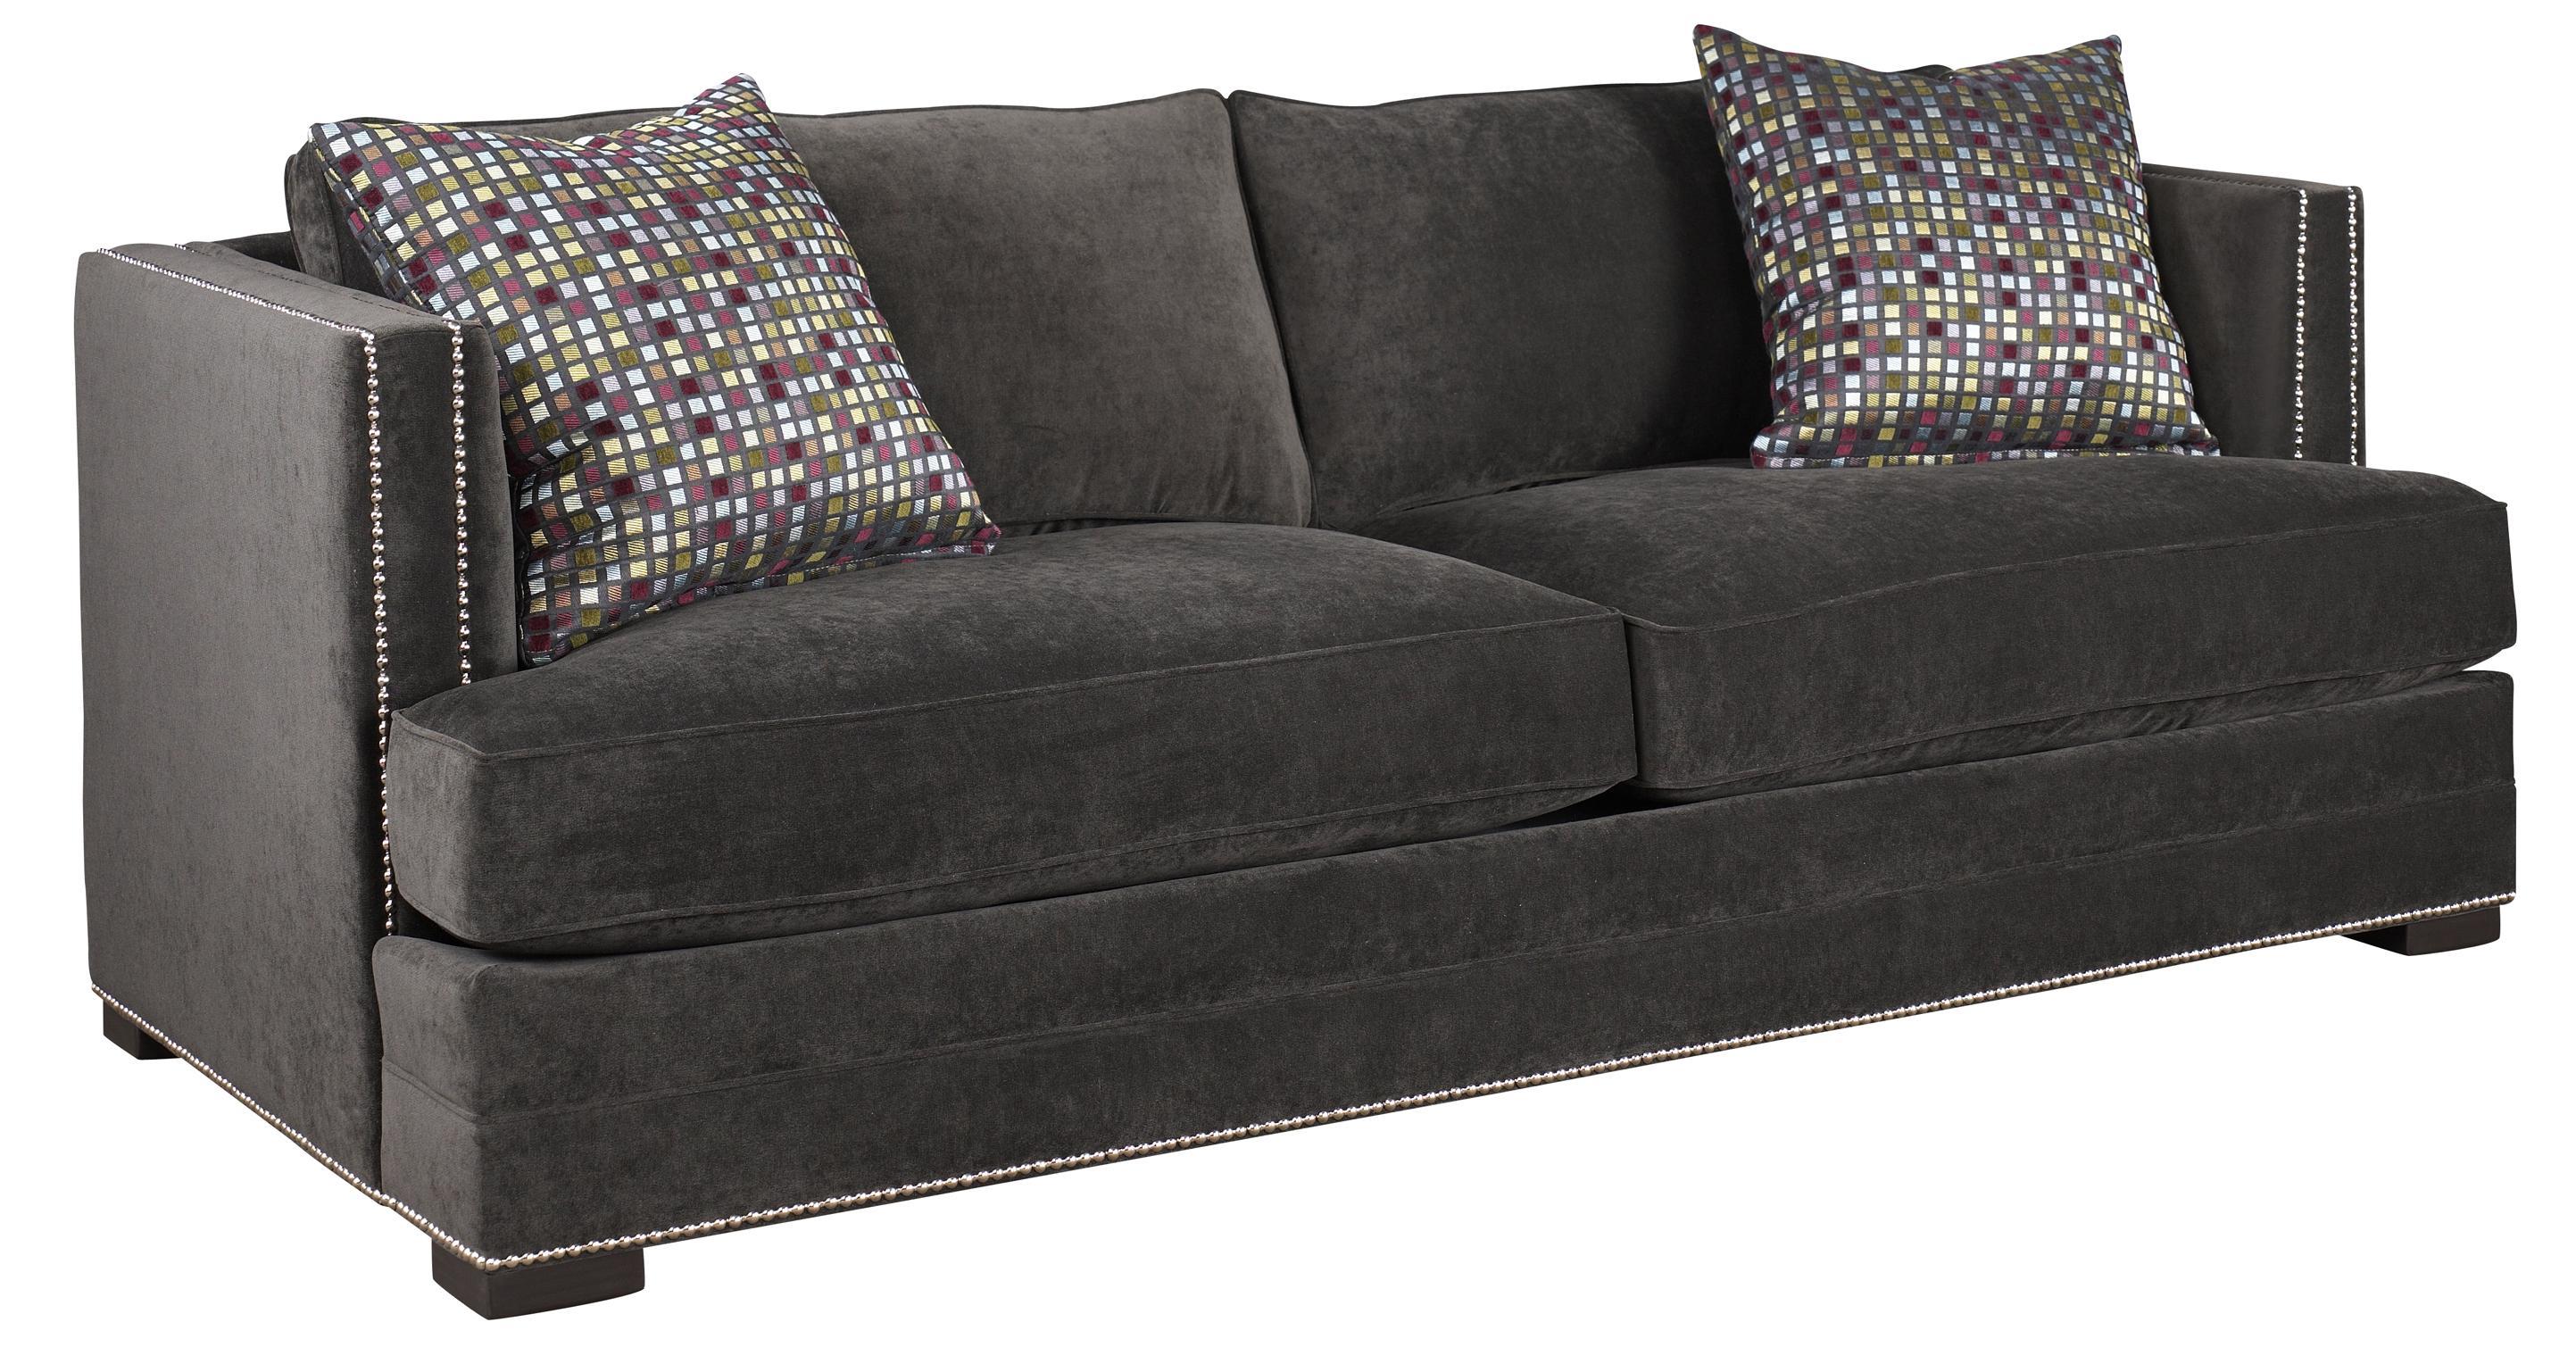 Astoria Stationary Sofa at Williams & Kay